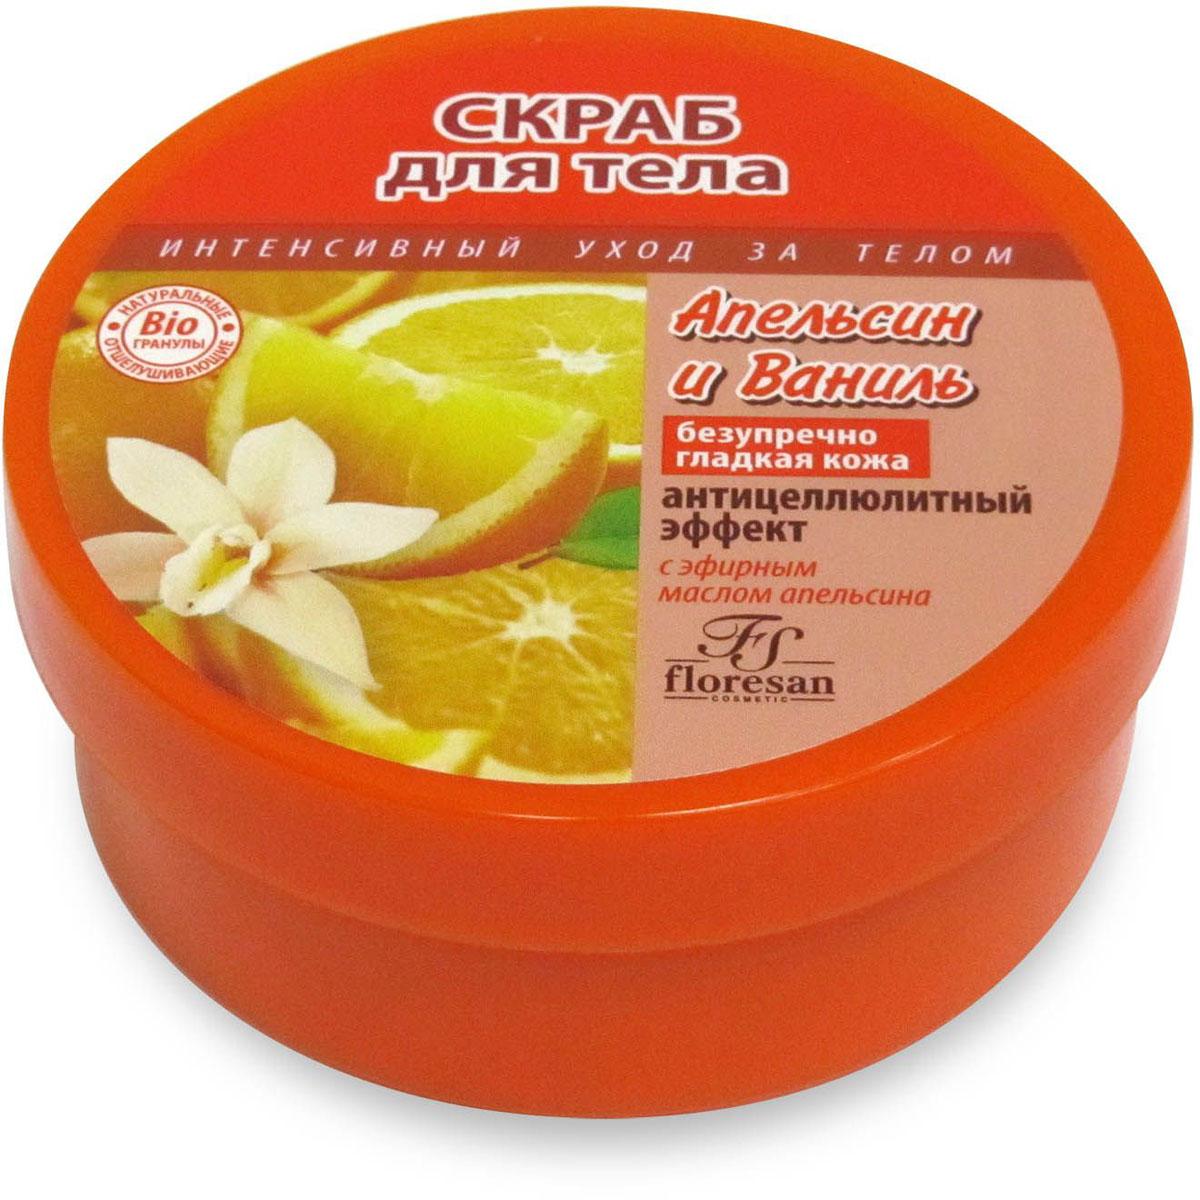 Floresan Скраб для тела Апельсин и ваниль, 200 млFS-36054Floresan Скраб для тела Апельсин и Ваниль 200 мл с манящей текстурой и изысканным ароматом создан специально для интенсивного ухода за вашей кожей. Входящие в состав скраба натуральные био-гранулы, которые выступают в качестве пилинга, нежно массажируют и очищают кожу, делают ее мягкой и гладкой, стимулируют кровообращение и улучшают доступ кислорода к клеткам.Скраб является уникальным био-активным комплексом, который способствует выводу токсинов из организма, улучшает тонус кожи и выравнивает контуры силуэта.Органический экстракты апельсина и ванили заботятся о вашей коже, увлажняя и питая ее, оставляя шлейф изысканного аромата. Интенсивный уход за телом, натуральные отшелушивающие bio-гранулы, безупречно гладкая кожа, антицеллюлитный эффект.